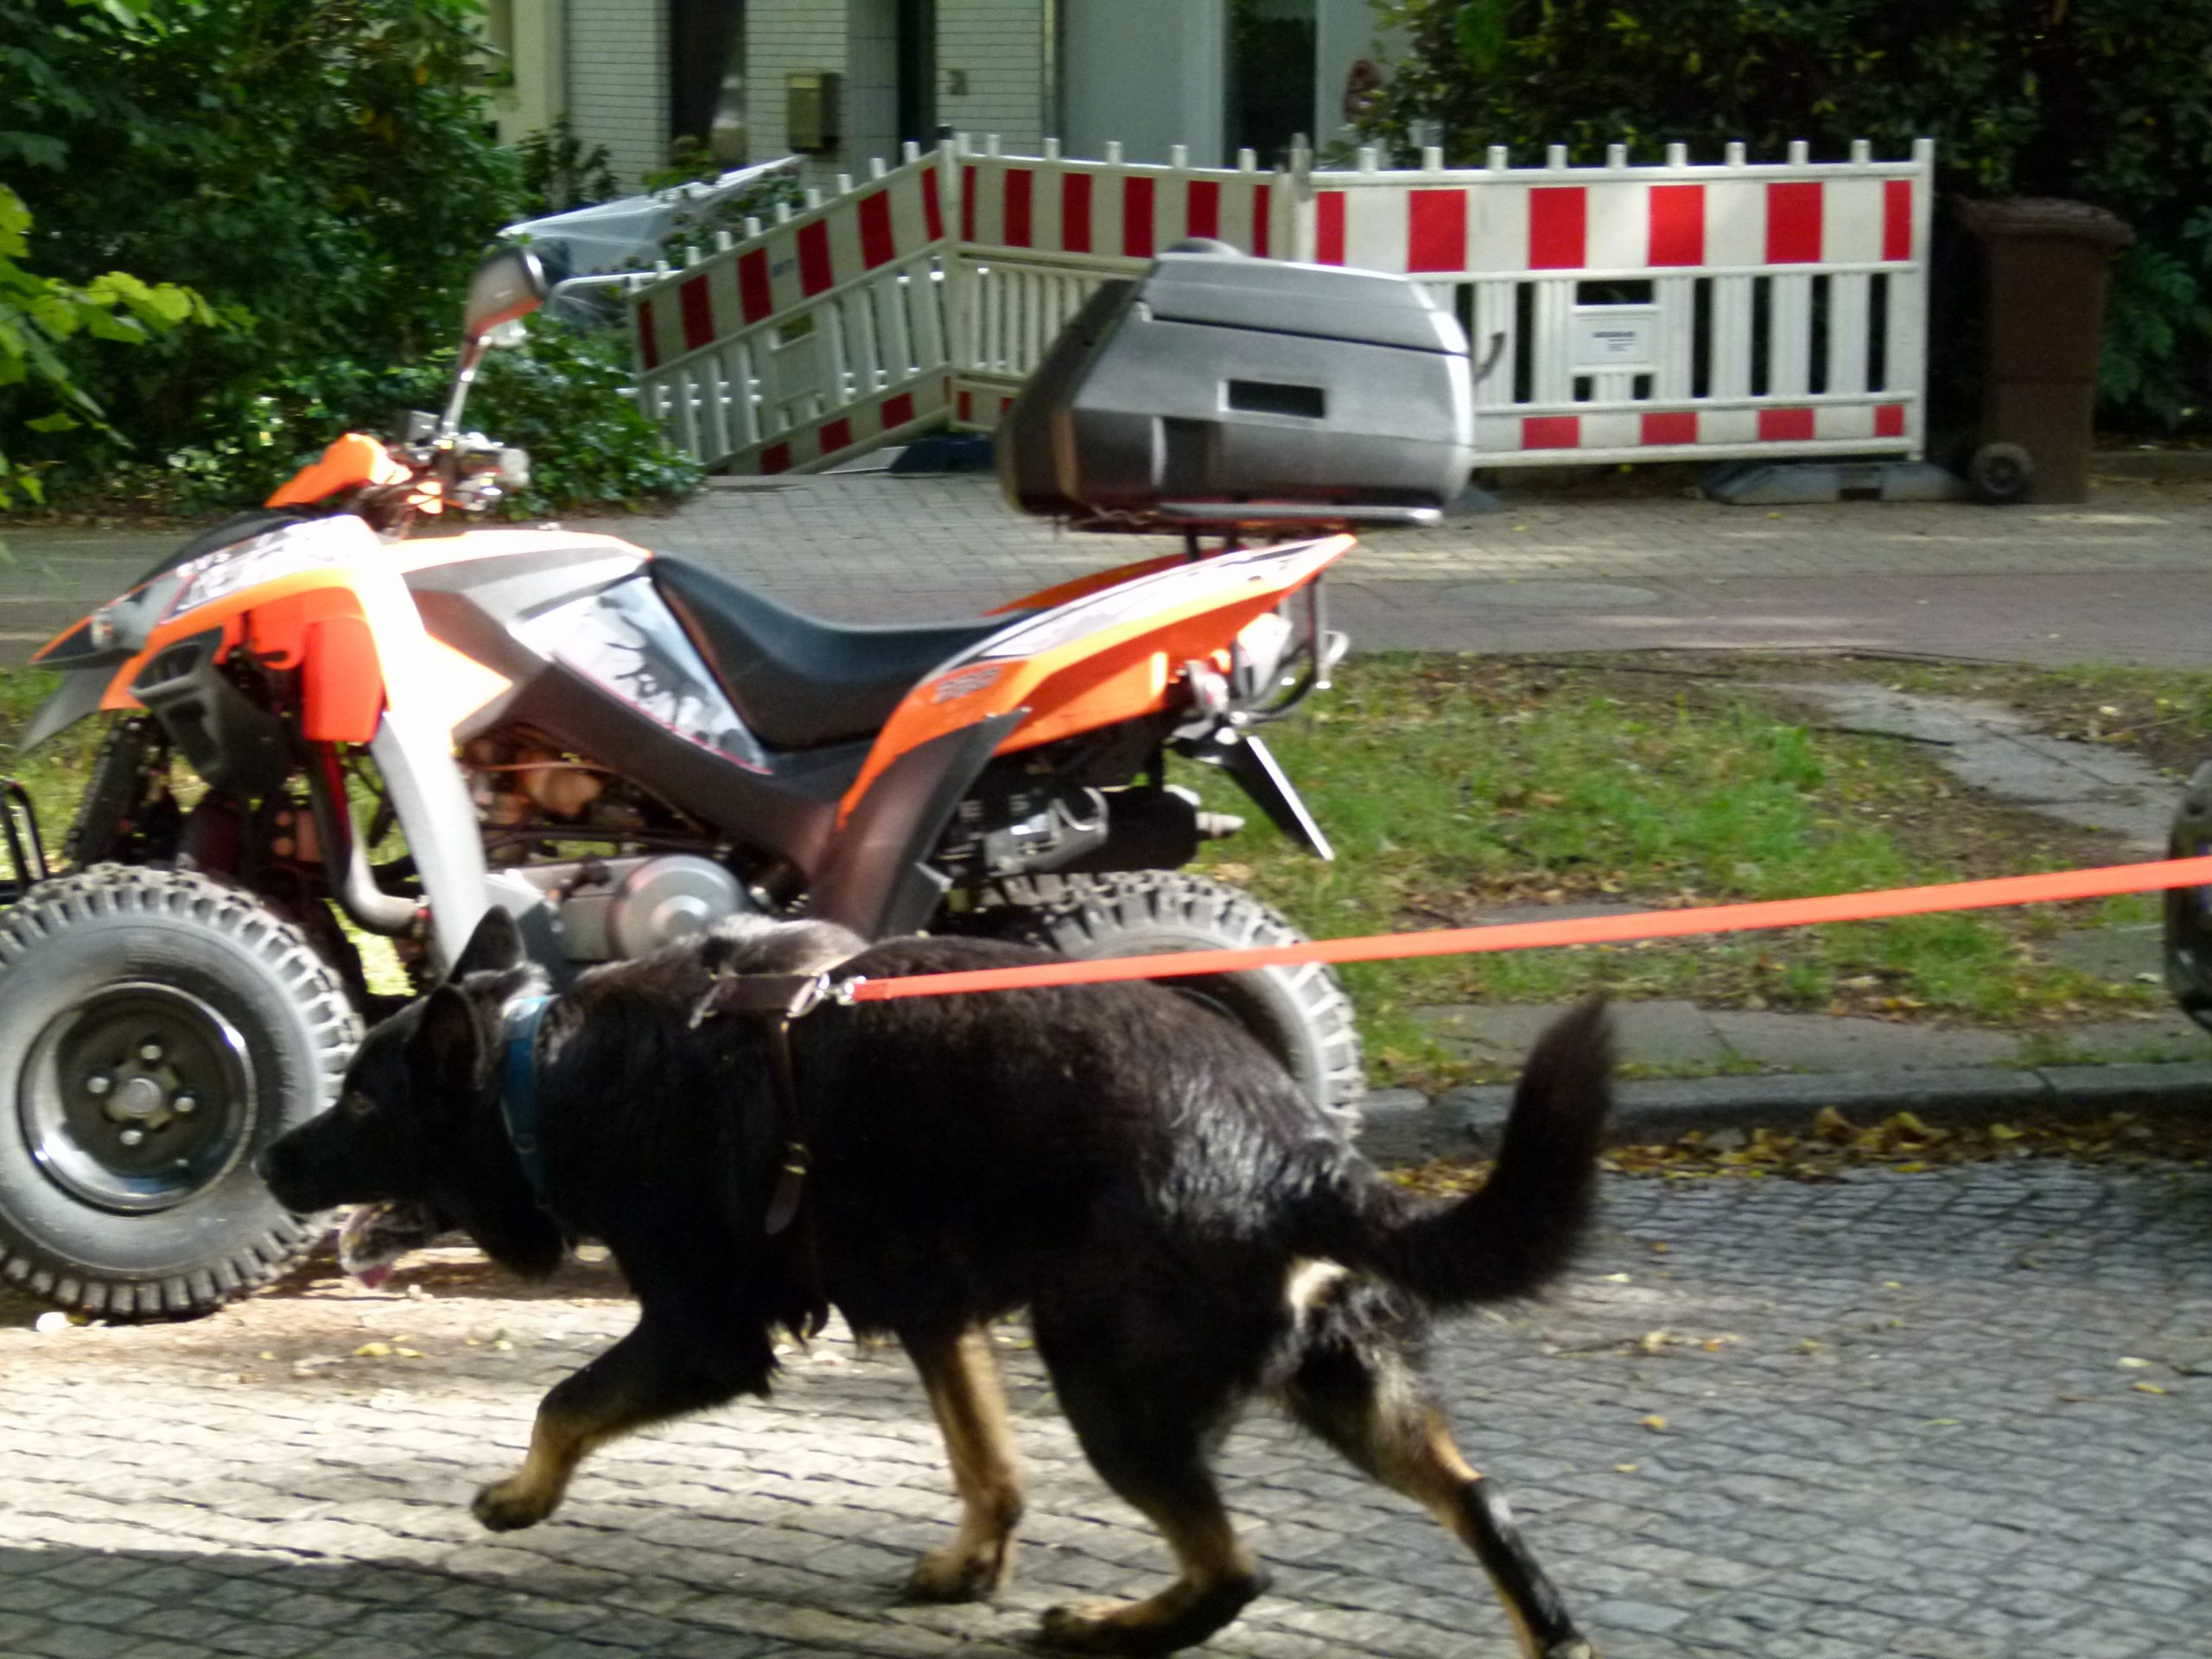 Wagen - Hund